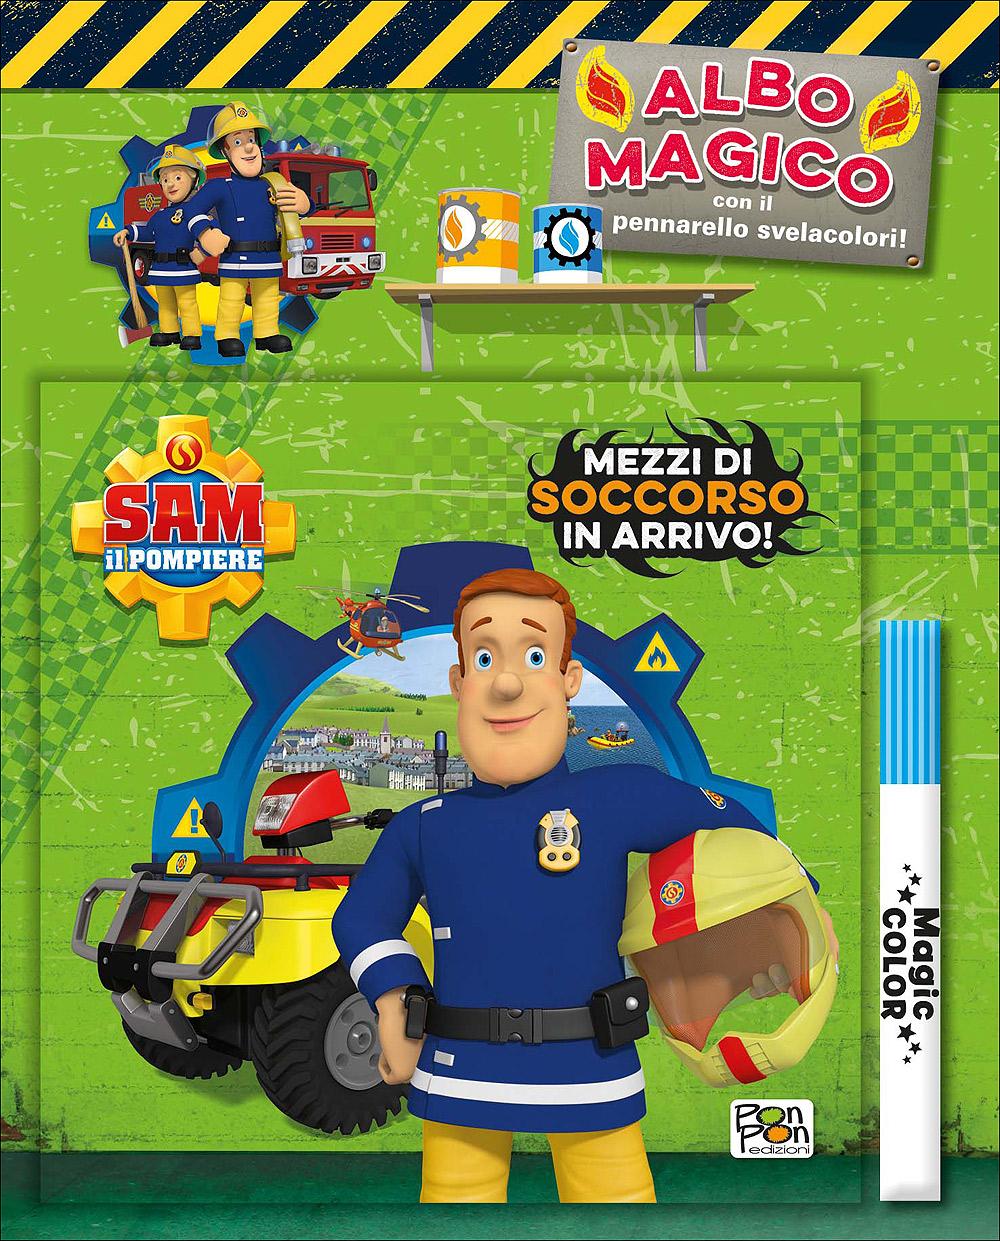 Albo Magico Sam il Pompiere - Mezzi di soccorso in arrivo!